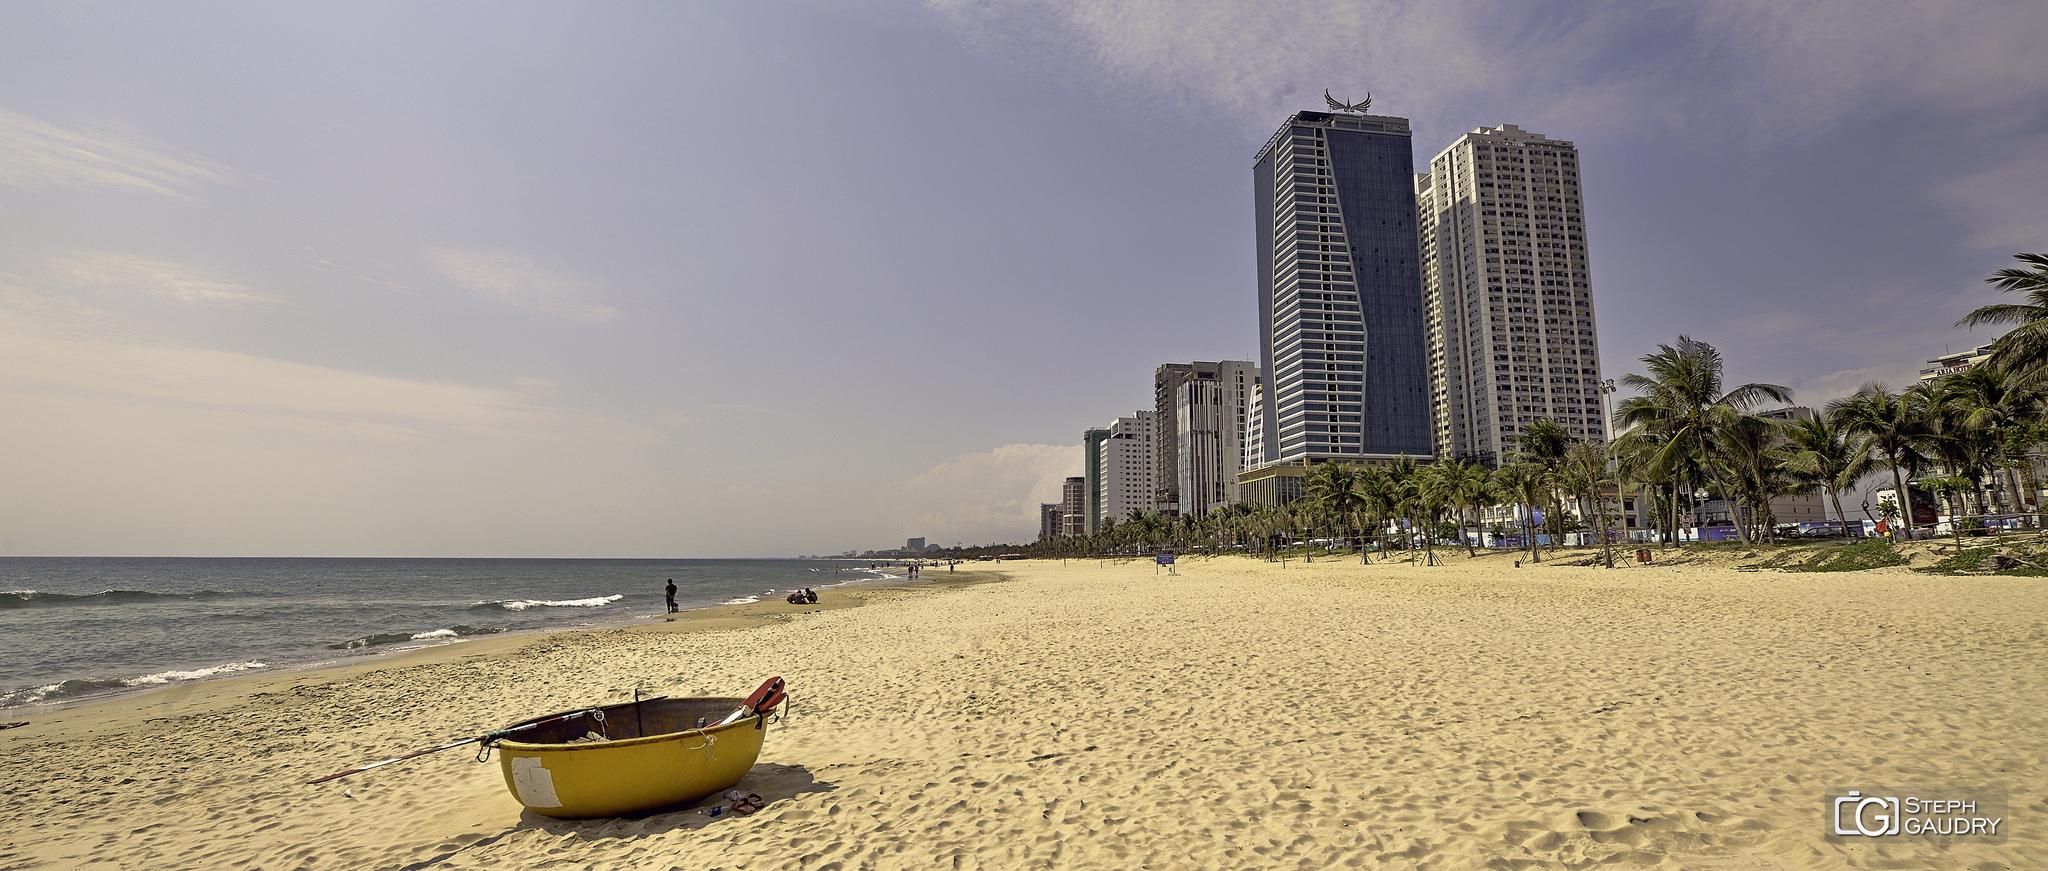 La plage de Da Nang [Cliquez pour lancer le diaporama]